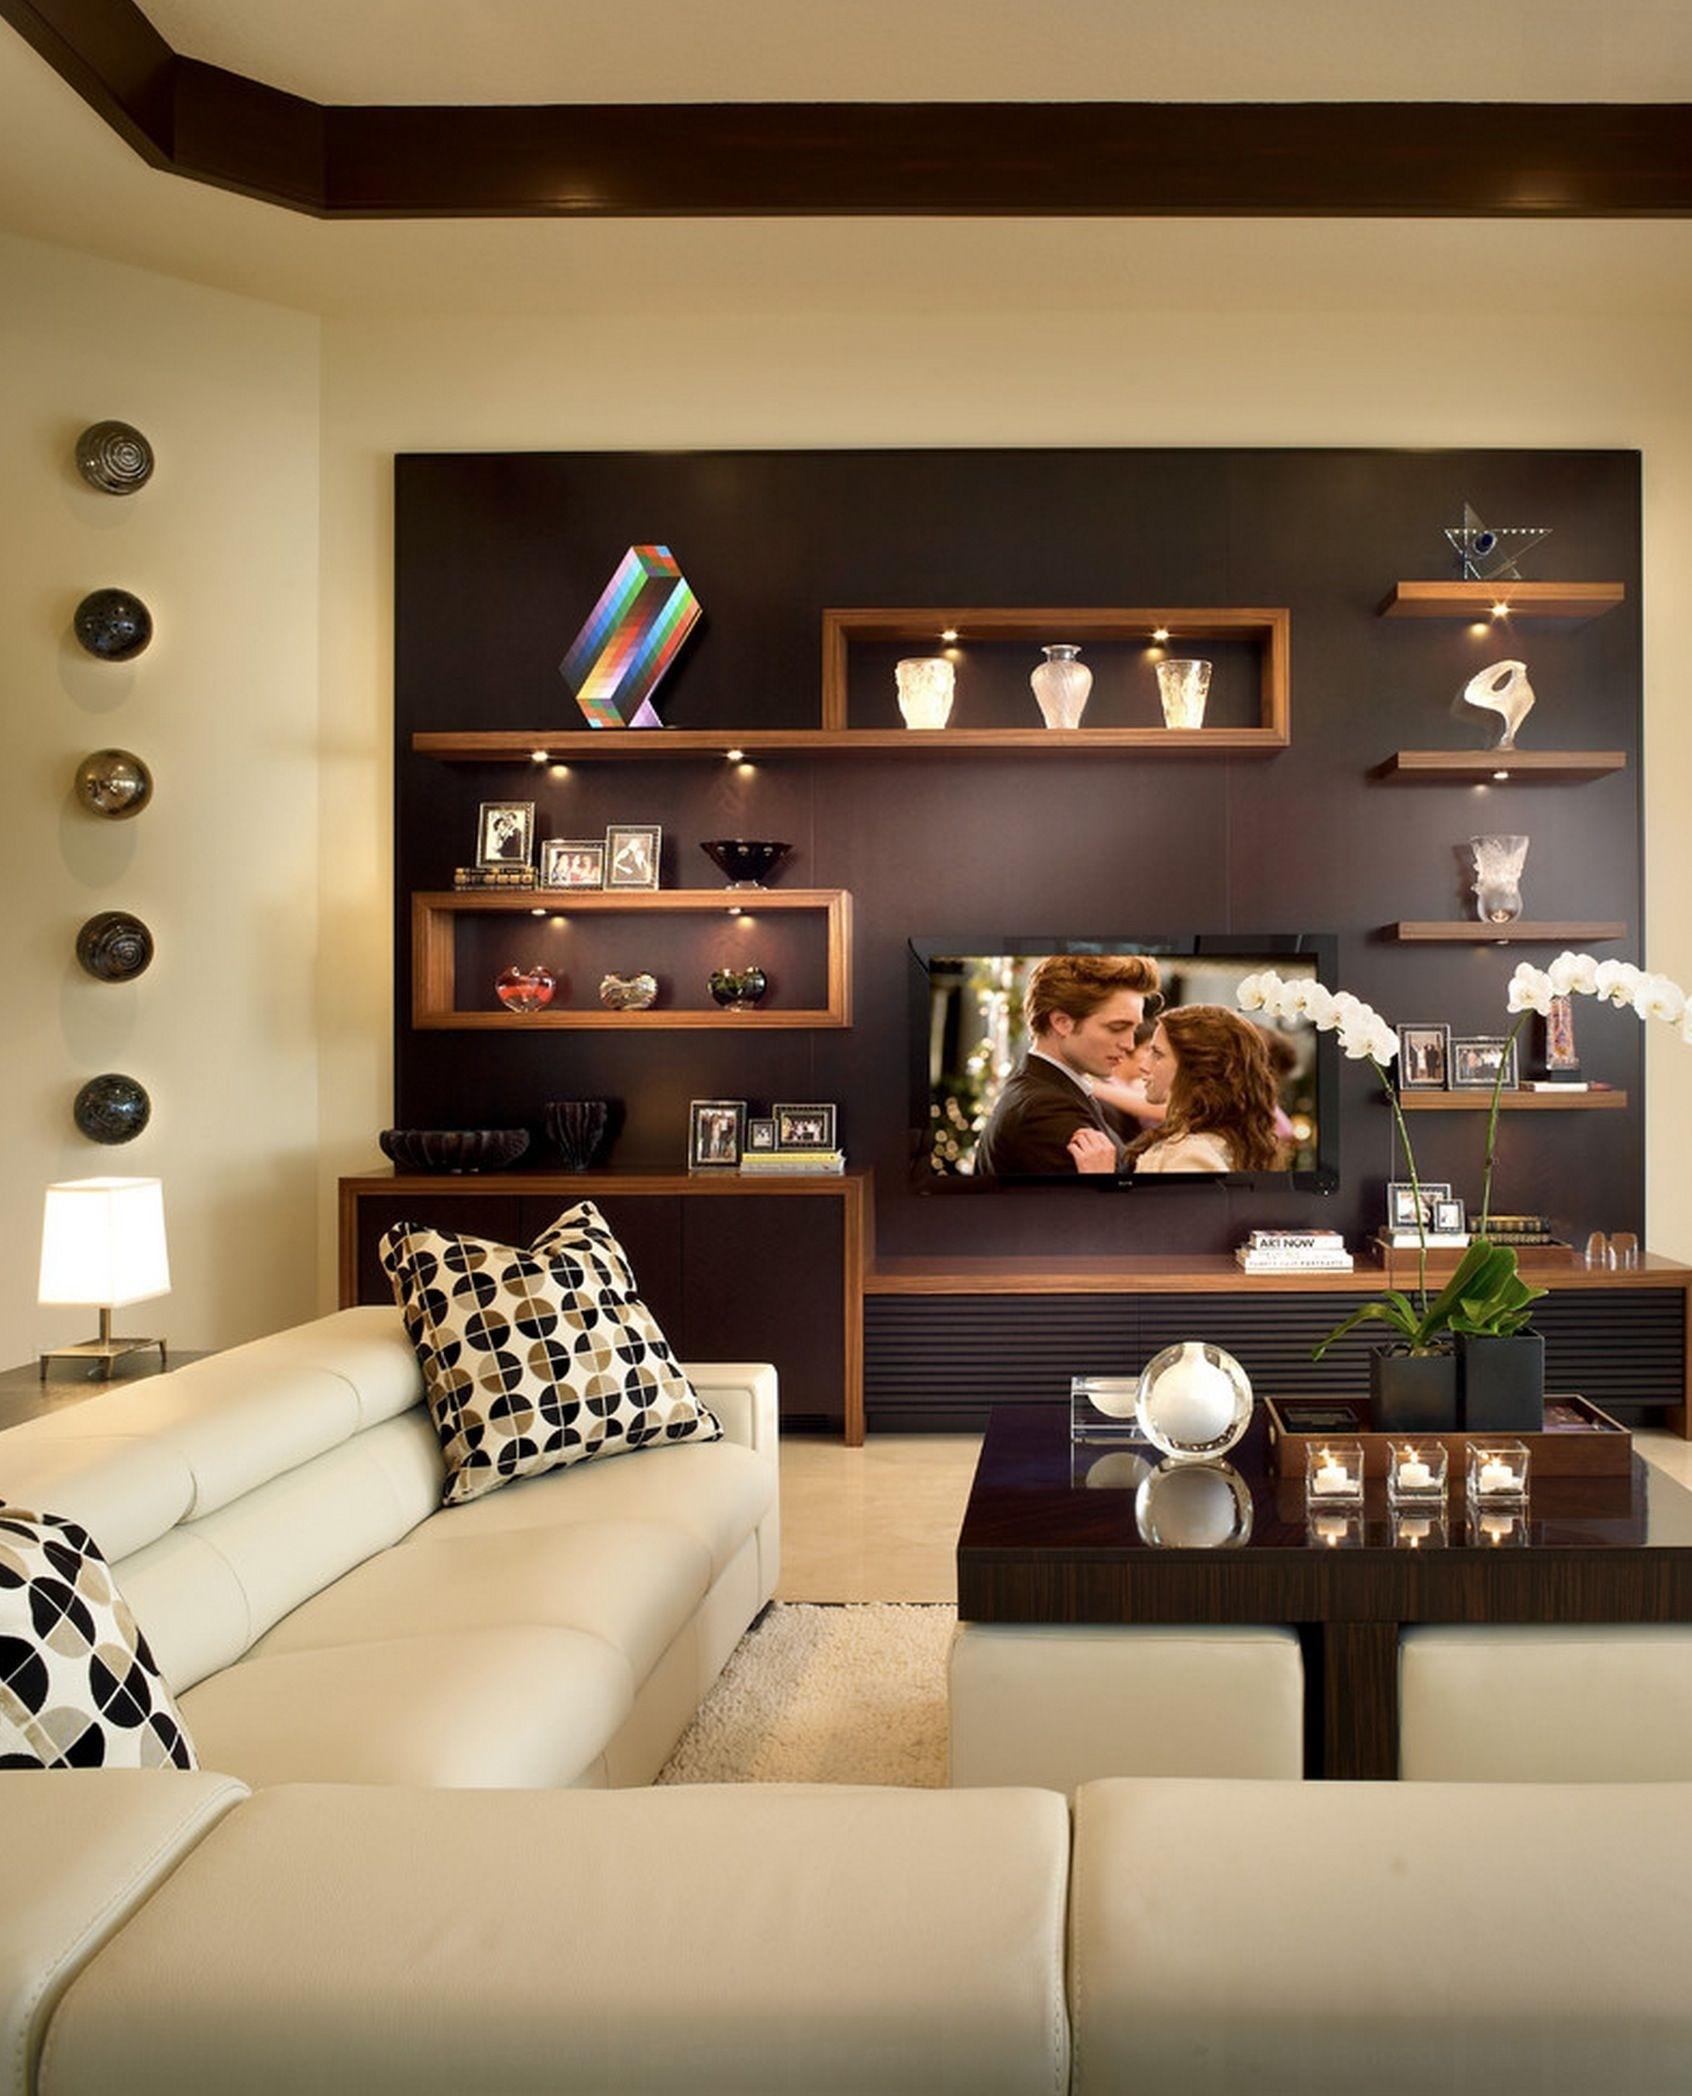 Beau Shelving Units Living Room